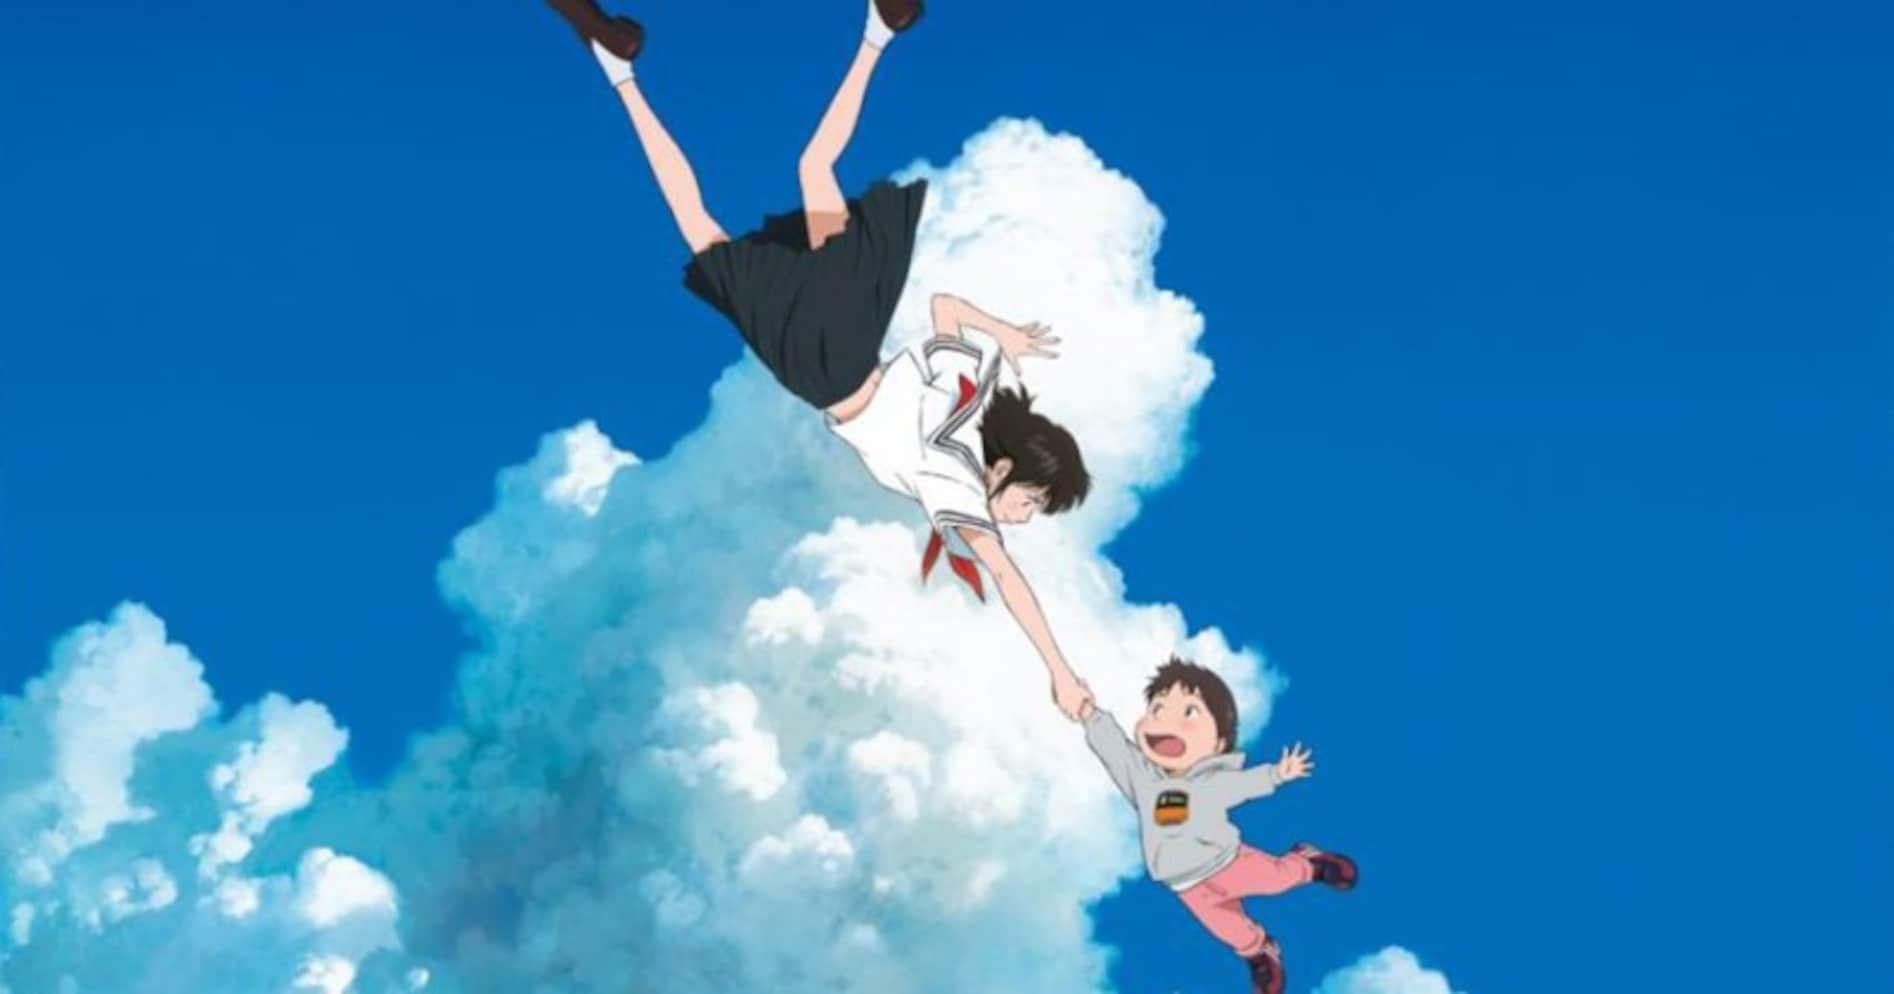 『時をかける少女』から最新作『未来のミライ』まで…細田守作品の空は、なぜ青いのか?